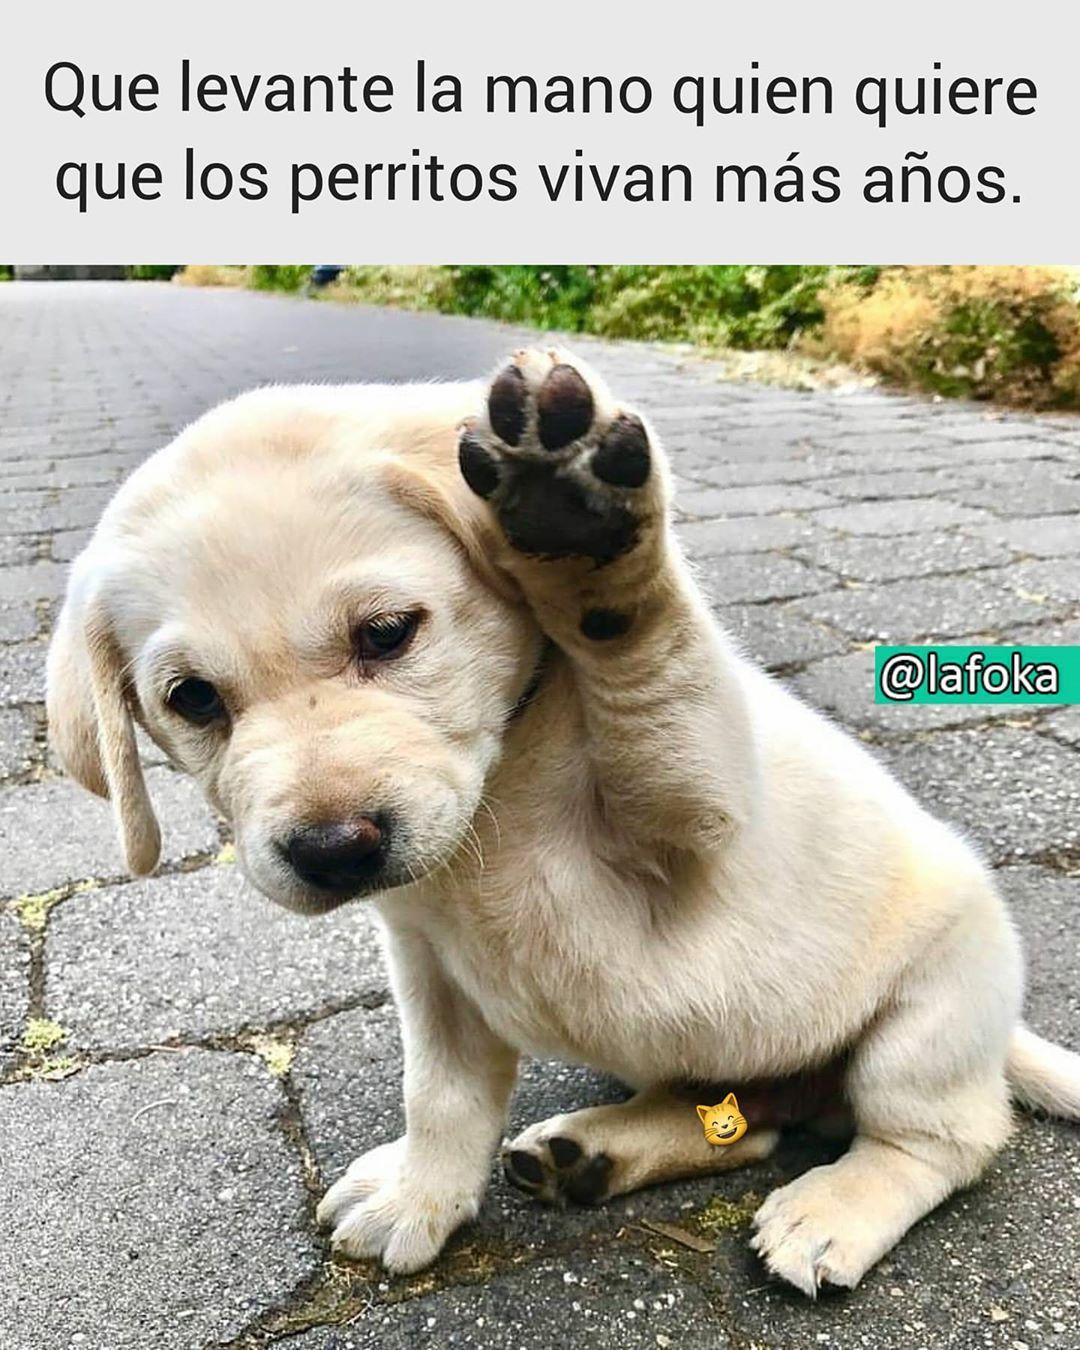 Que levante la mano quien quiere que los perritos vivan más años.